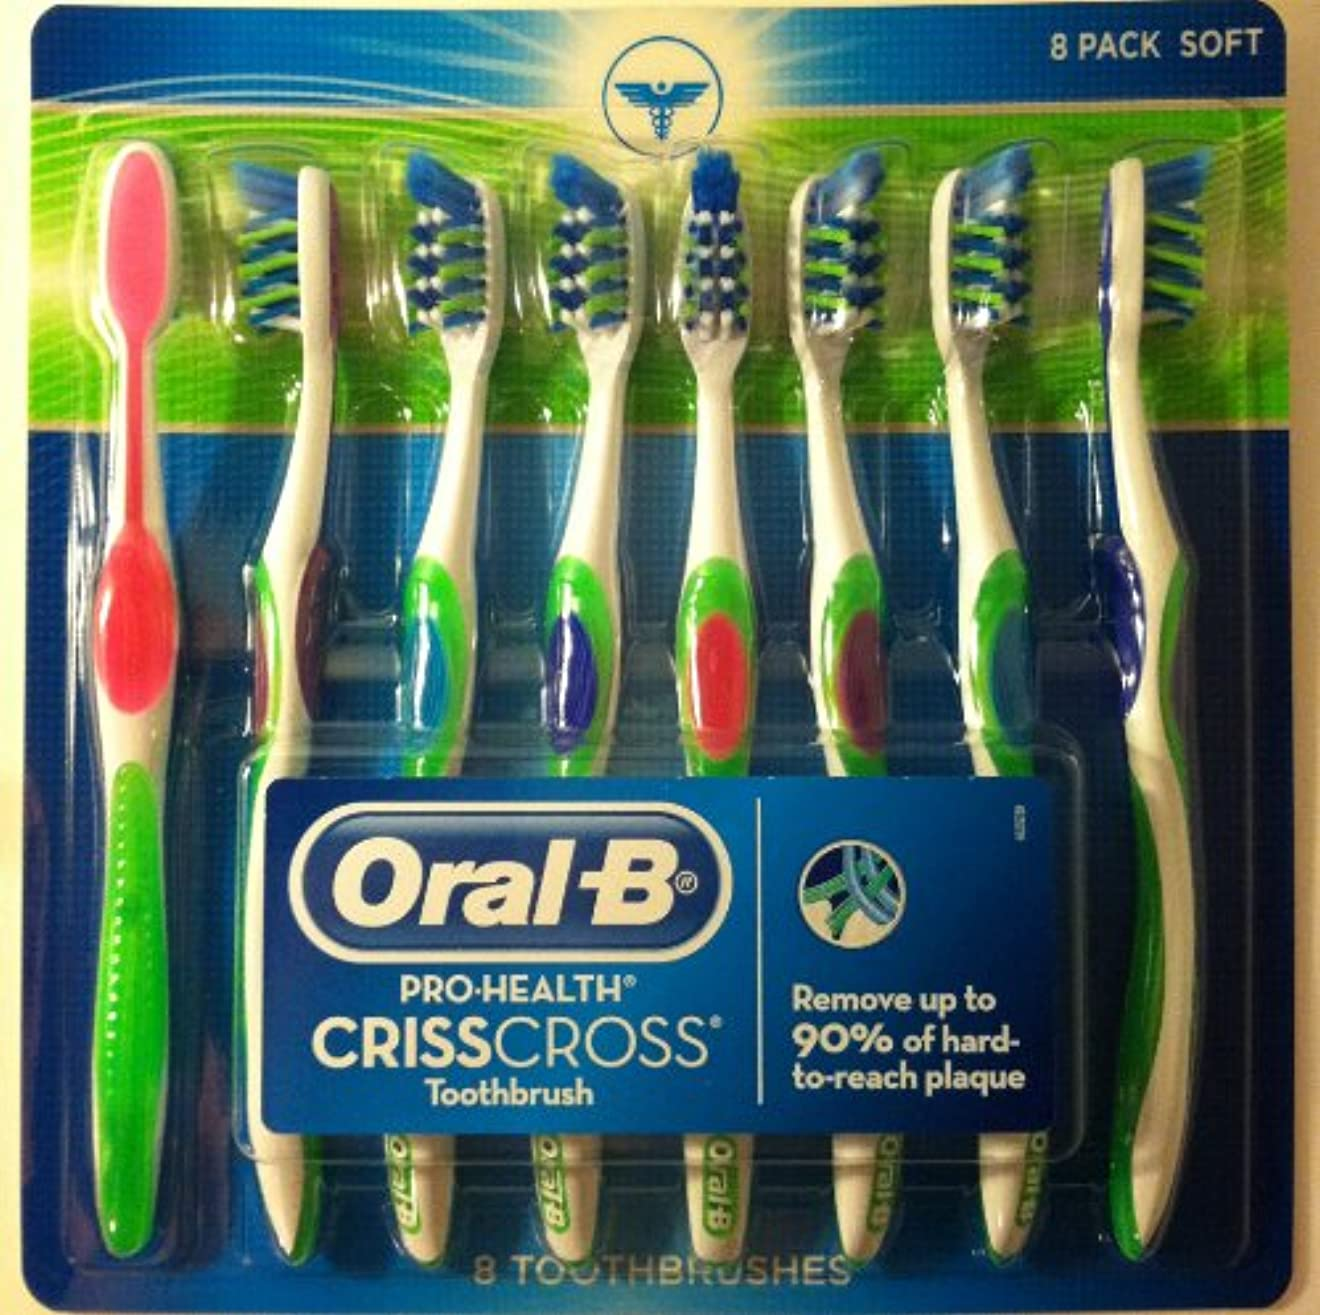 険しいクランシー端末【歯垢をかきだす歯ブラシ】ORAL B® ADVANTAGE CRISSCROSS TOOTHBRUSH - SOFT 8本 歯ブラシ